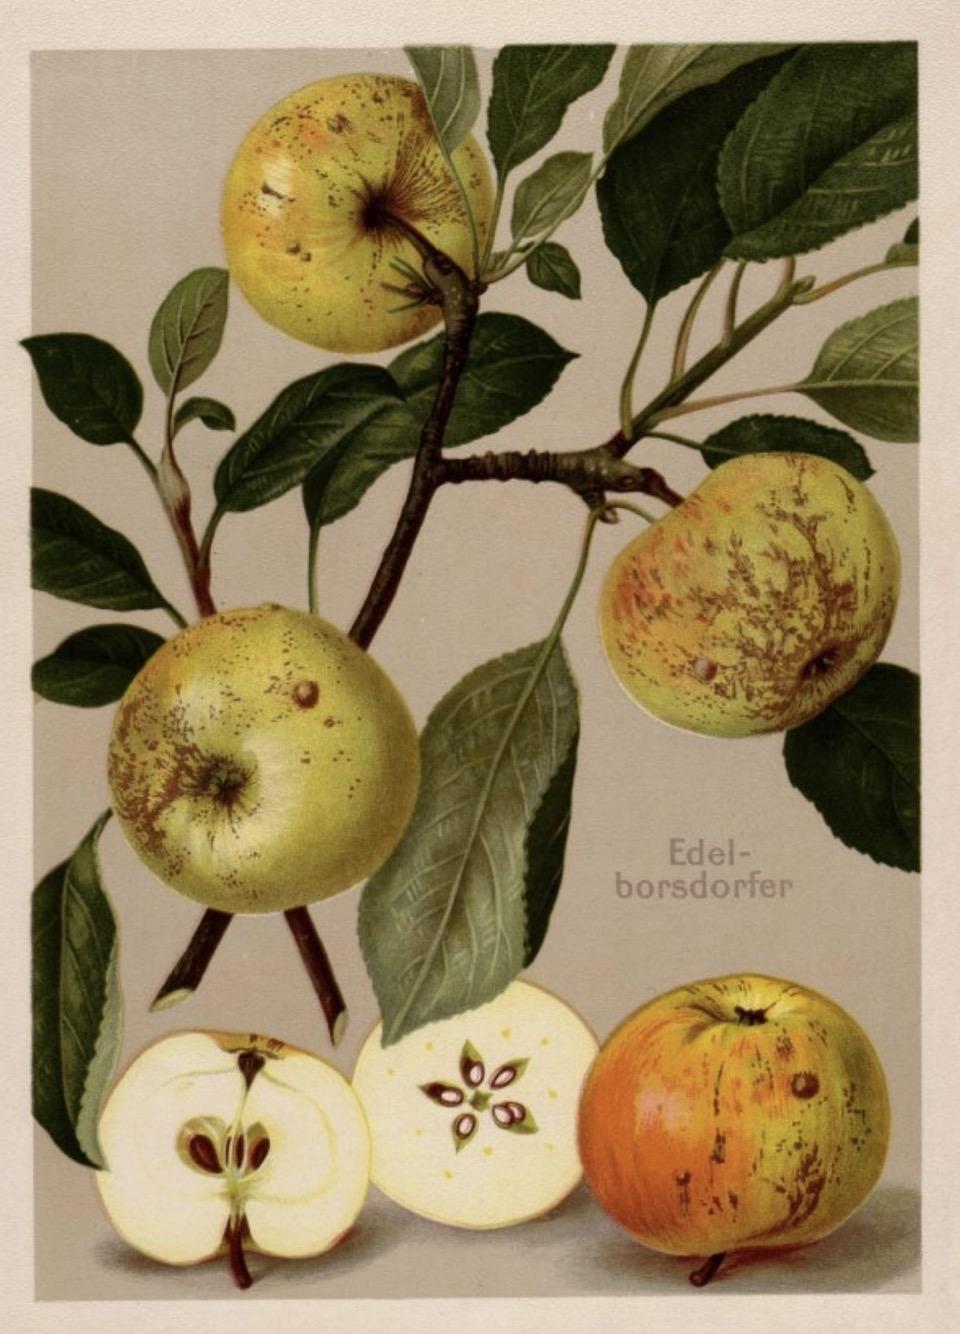 Historische Abbildung eines Zweigs mit drei Äpfeln, sowie einem aufgeschnittenen Apfel; BUND Lemgo Obstsortendatenbank